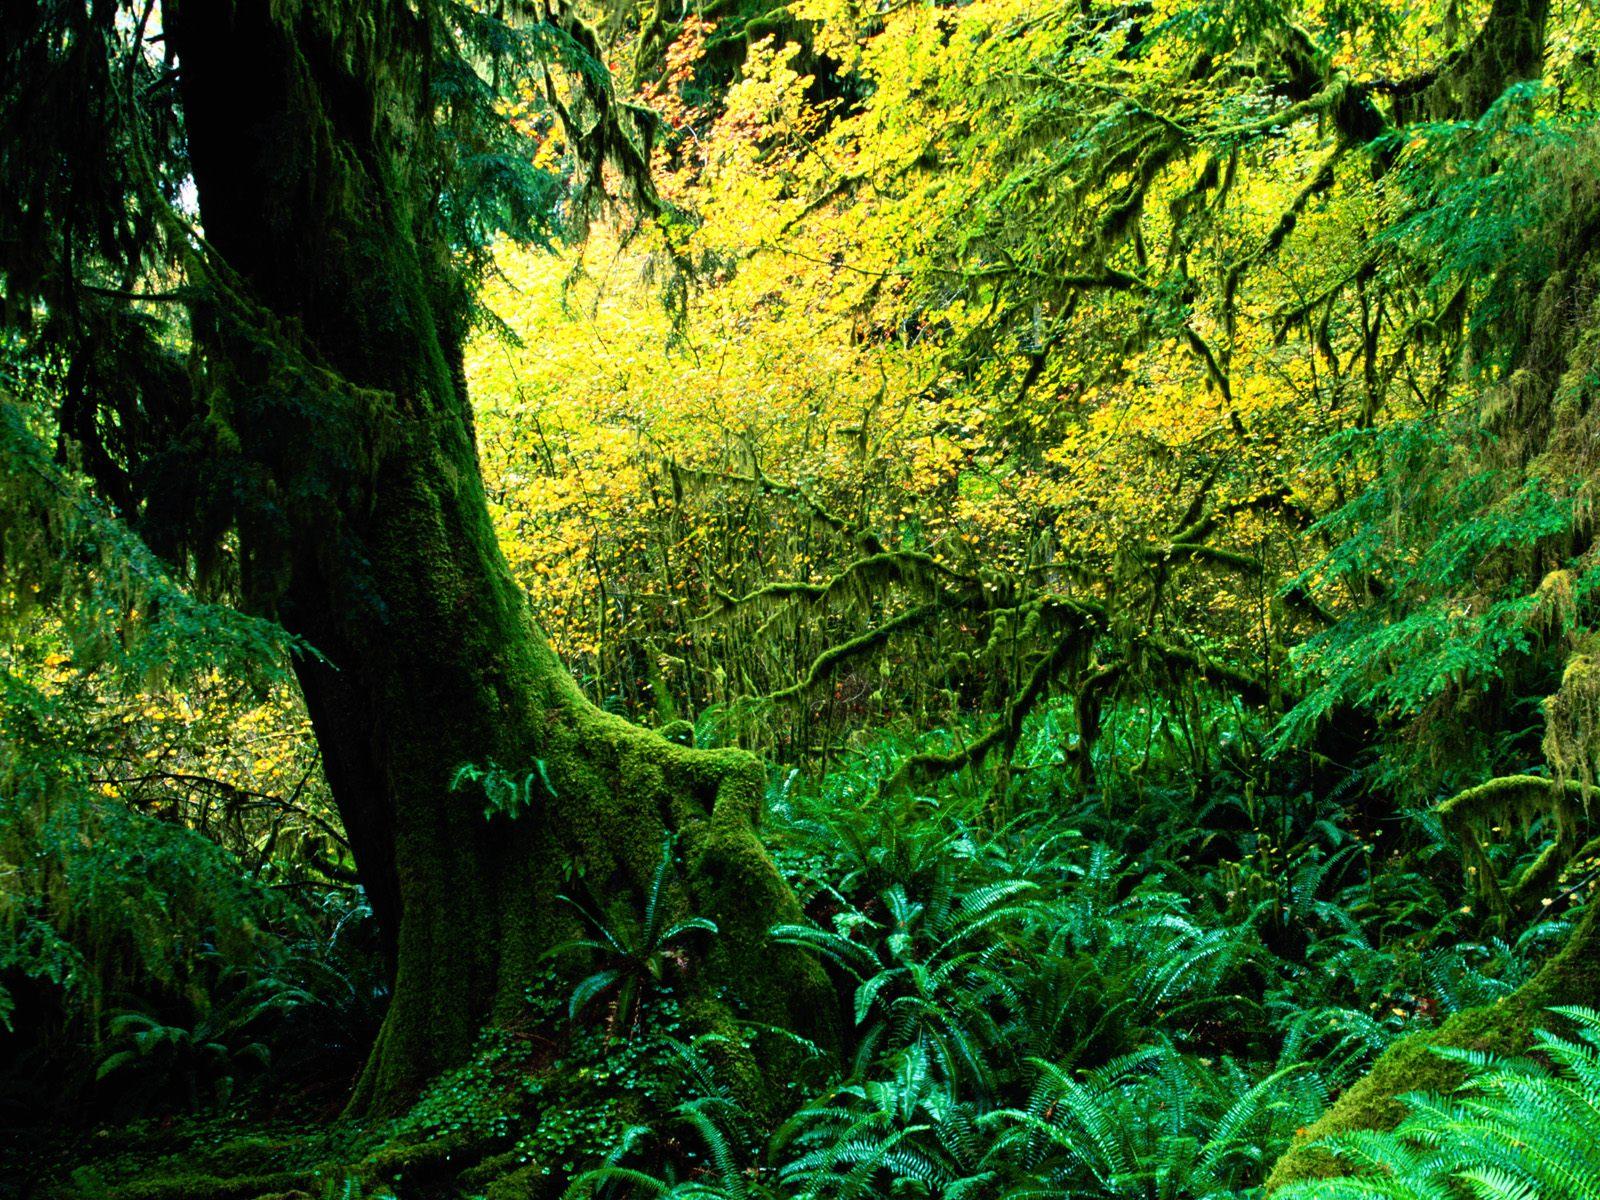 Biboca Ambiental Florestas Tropicais E Seus Impactos